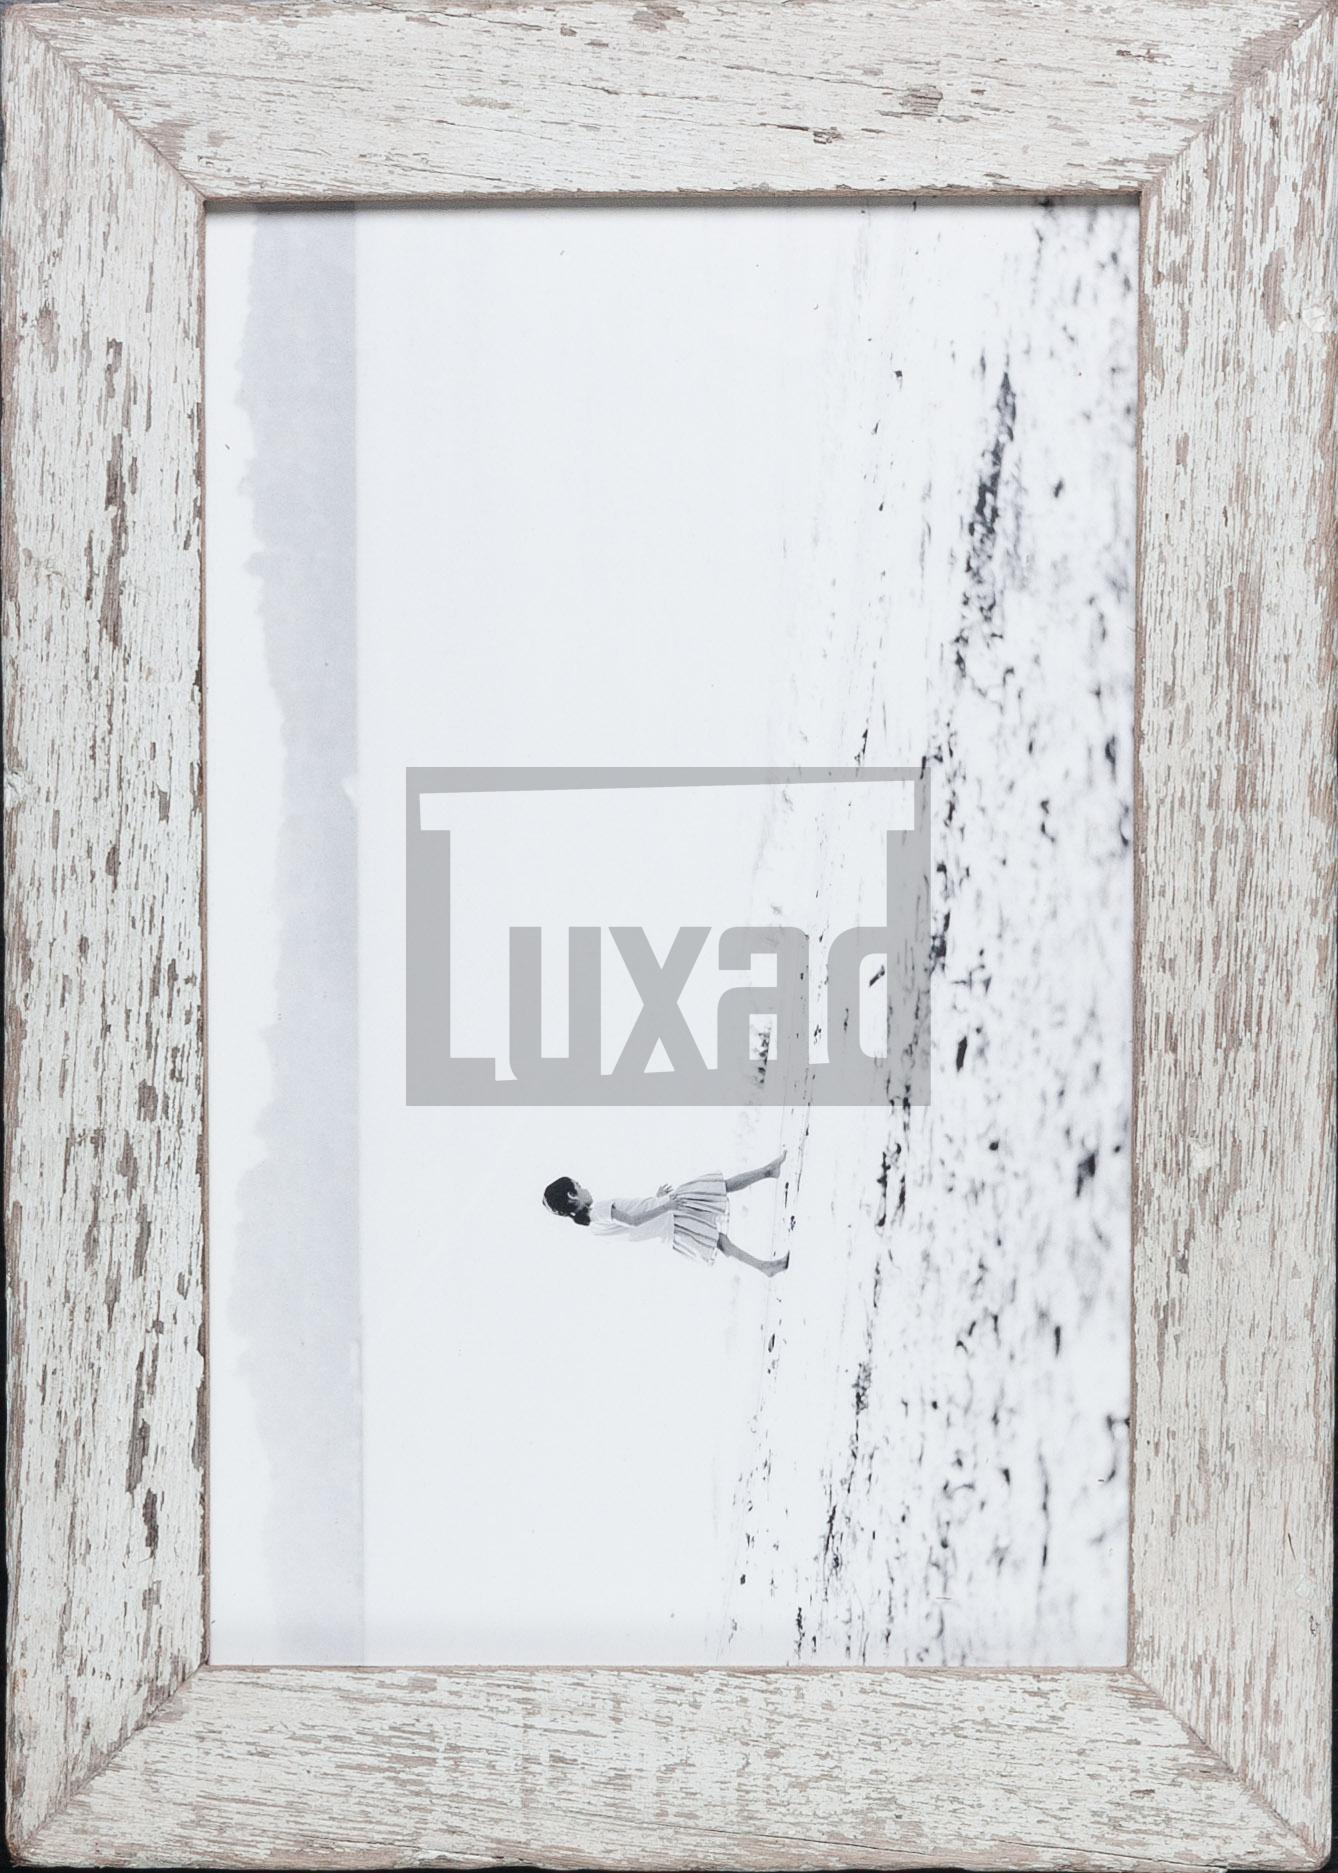 Holzrahmen für die Bildgröße 25 x 38 cm